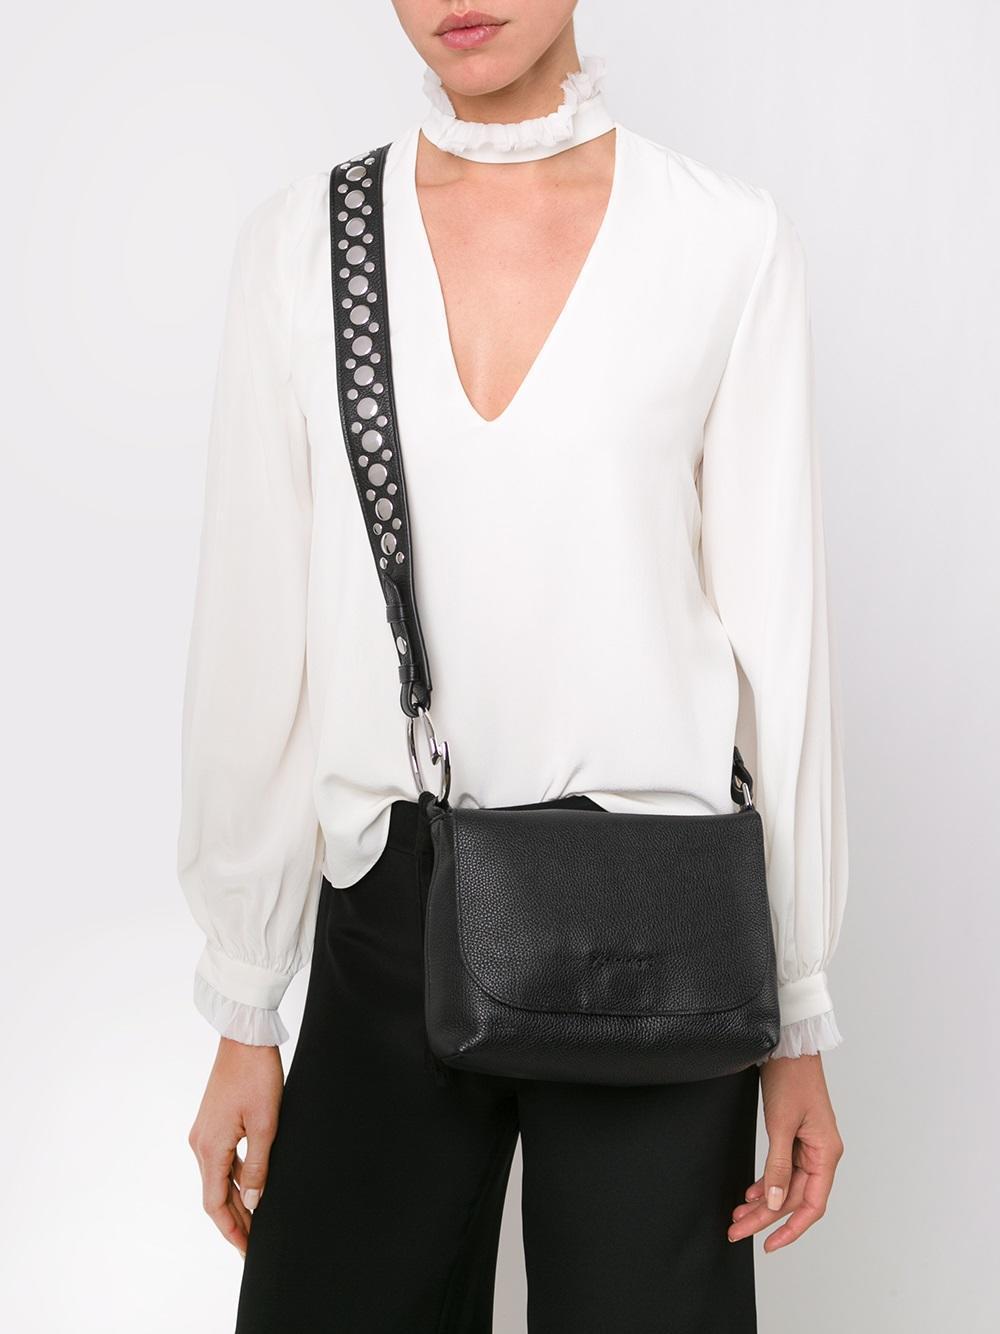 Elizabeth and James Suede Studded Strap Crossbody Bag in Black